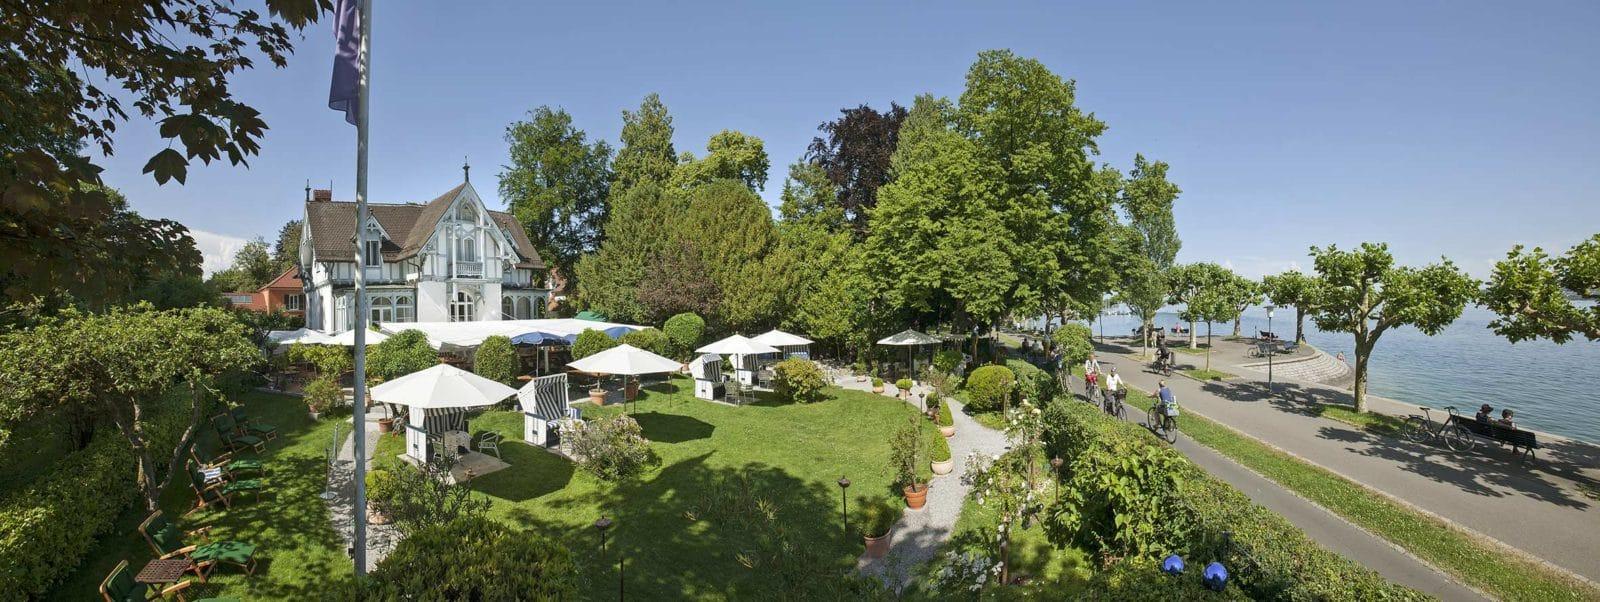 Hochzeit im Hotel Barleben direkt am Bodensee in Konstanz